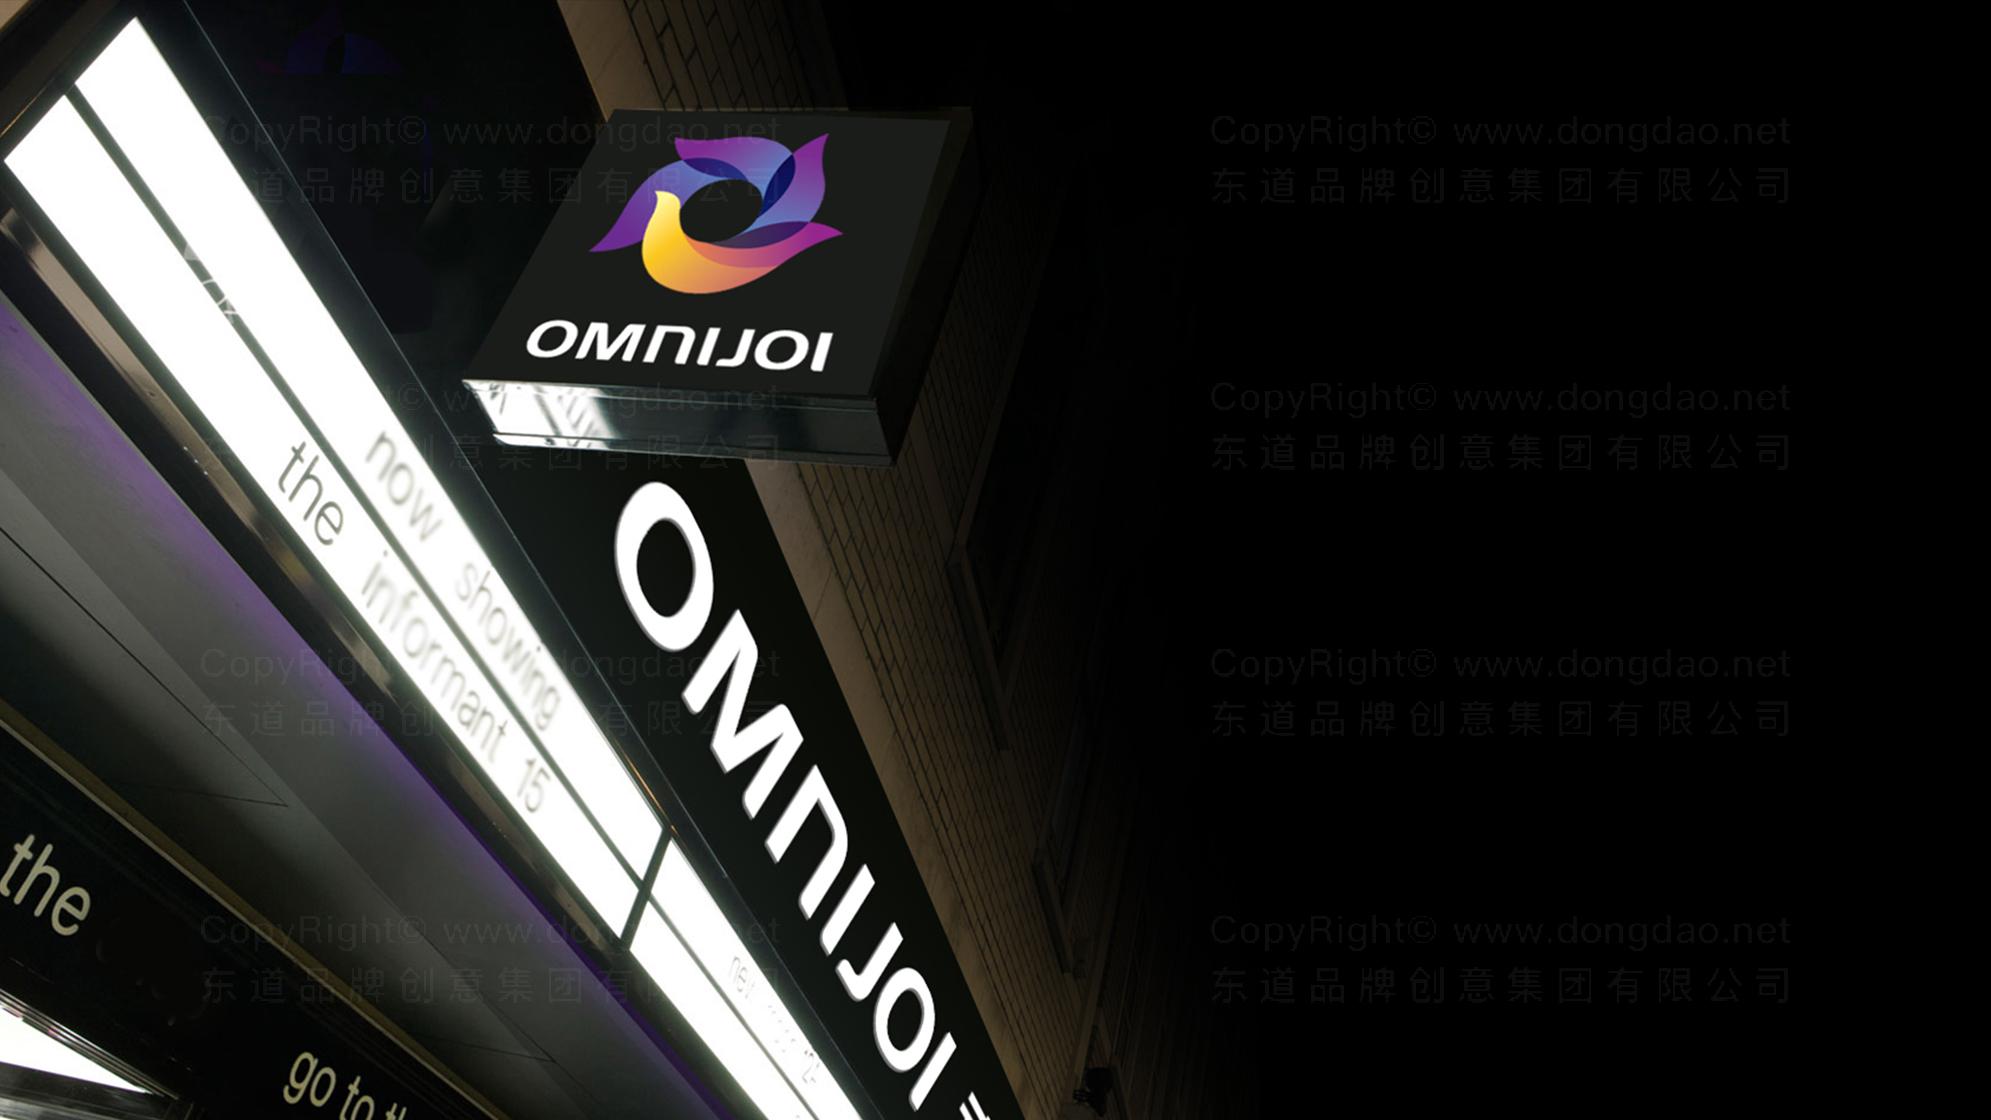 影视公司logo设计应用场景_3